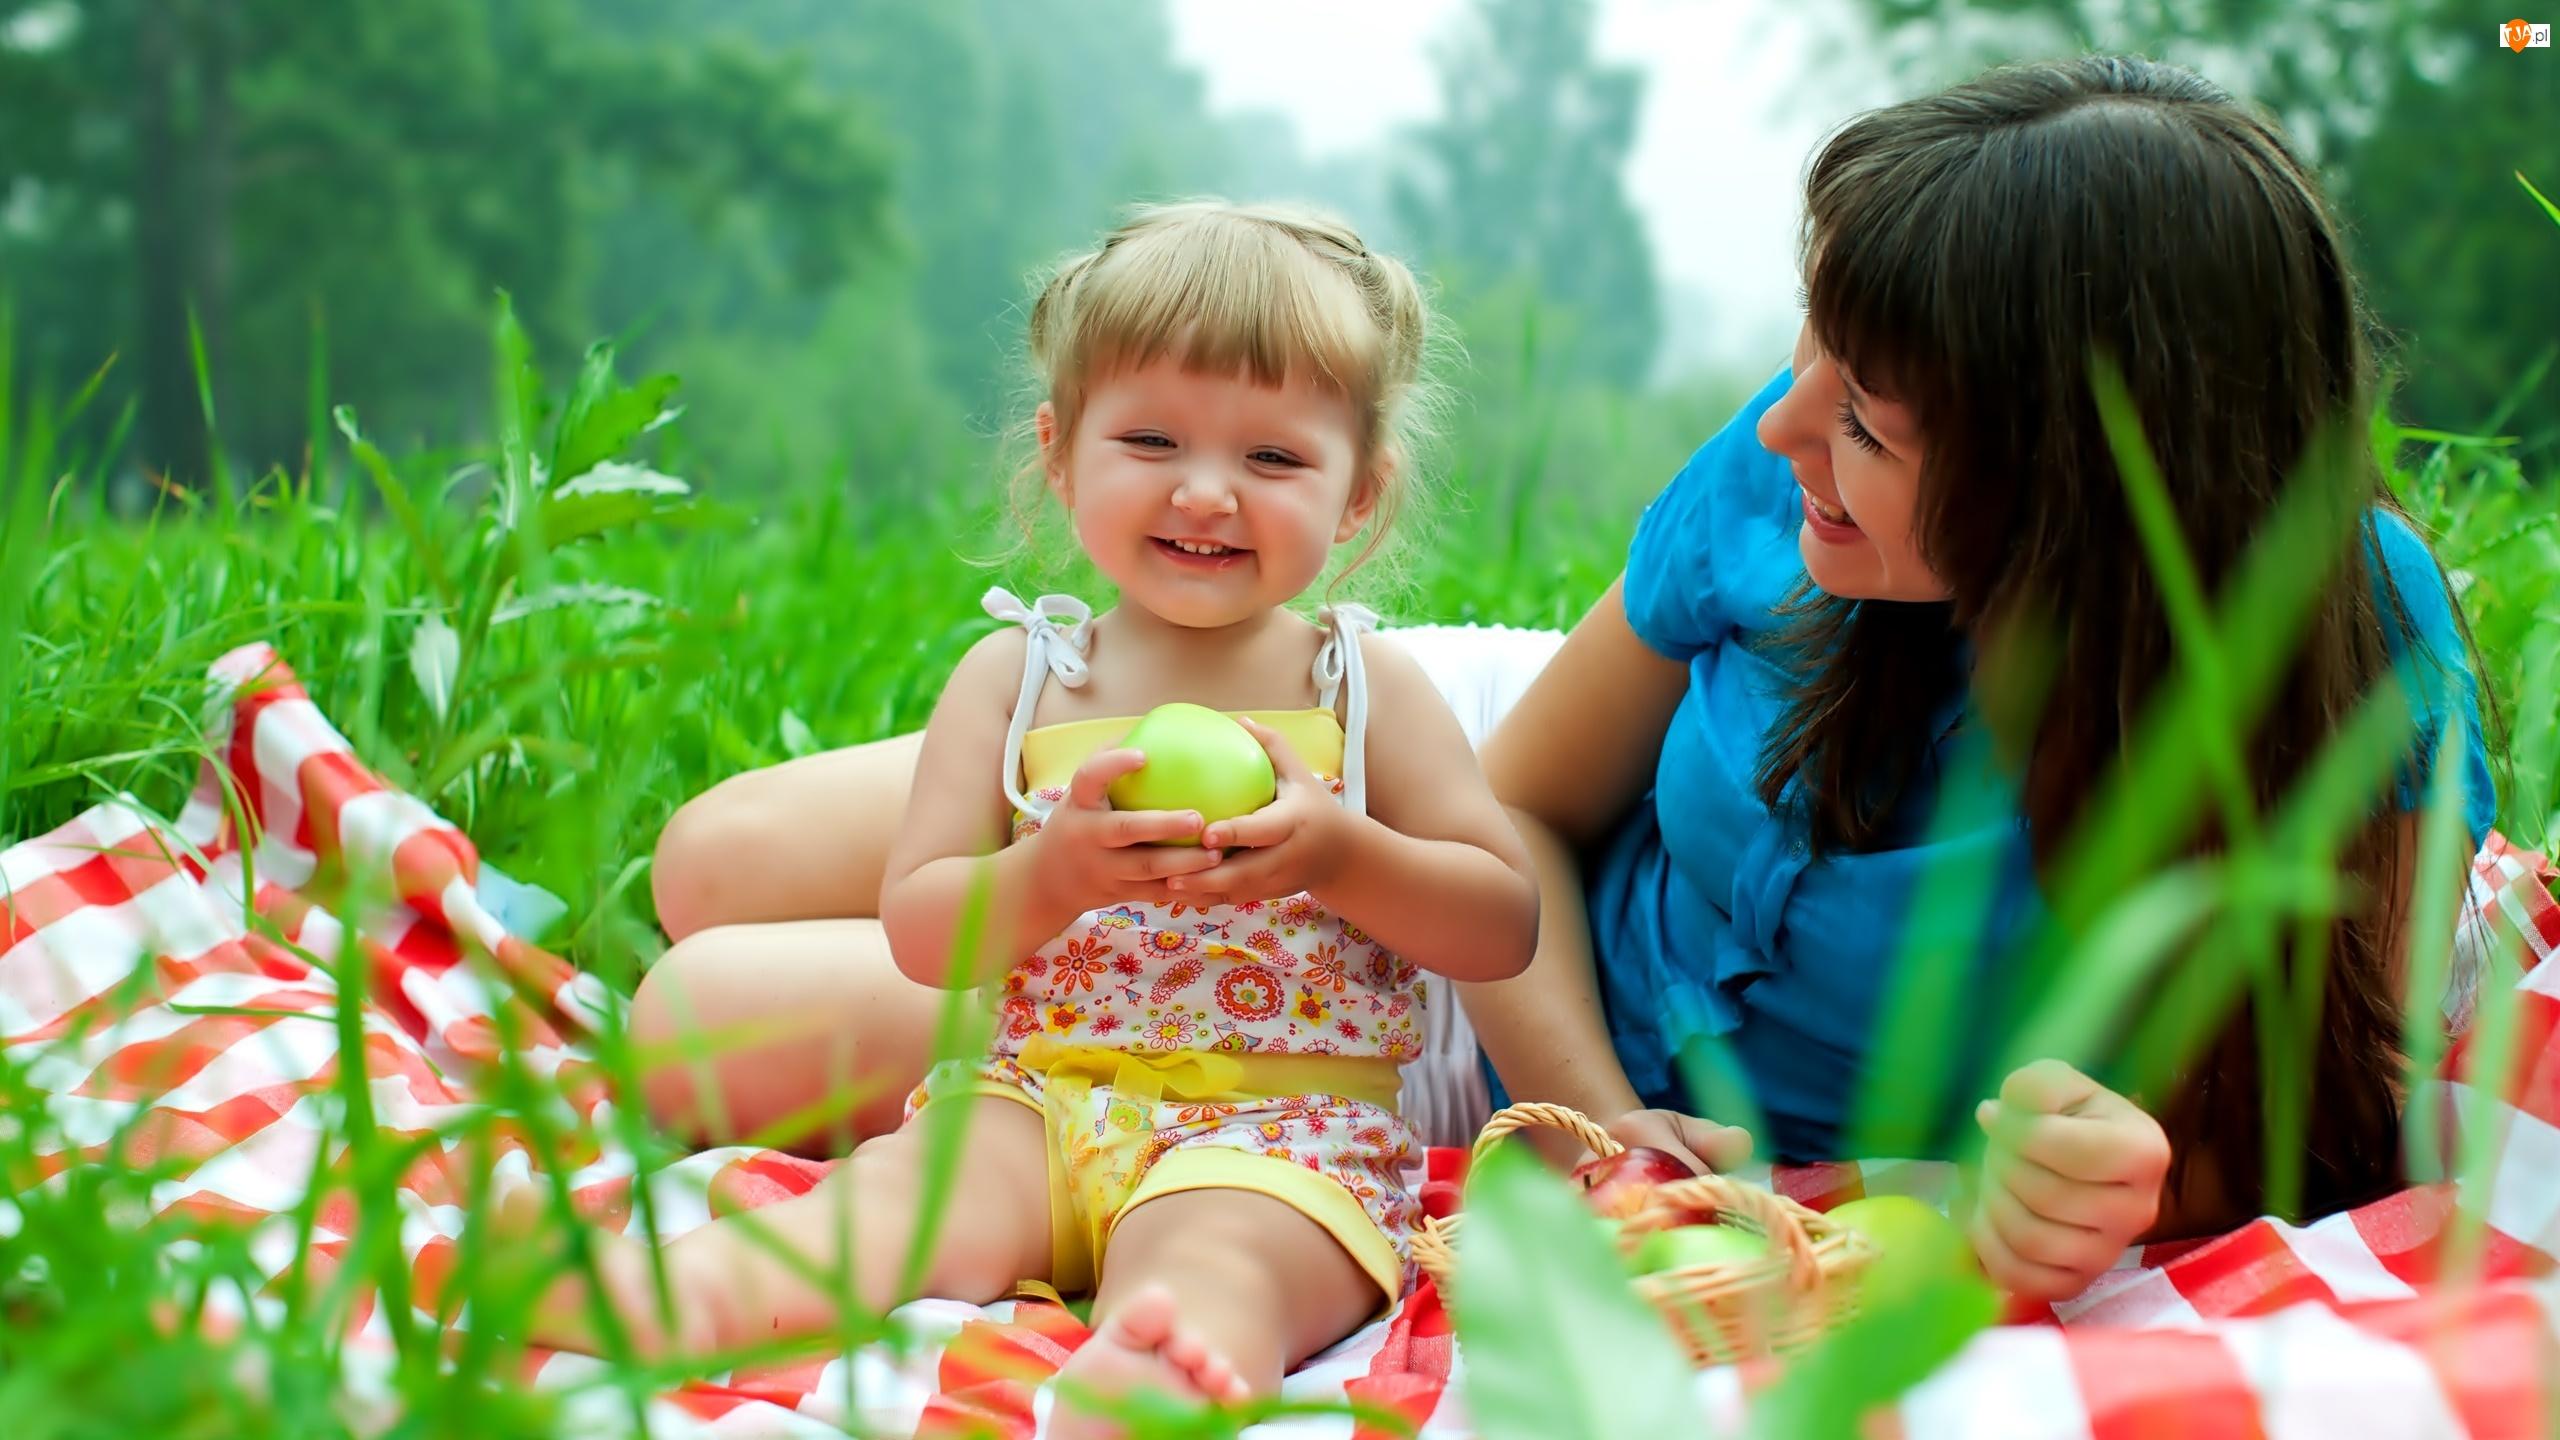 Kobieta, Piknik, Dziecko, Łąka